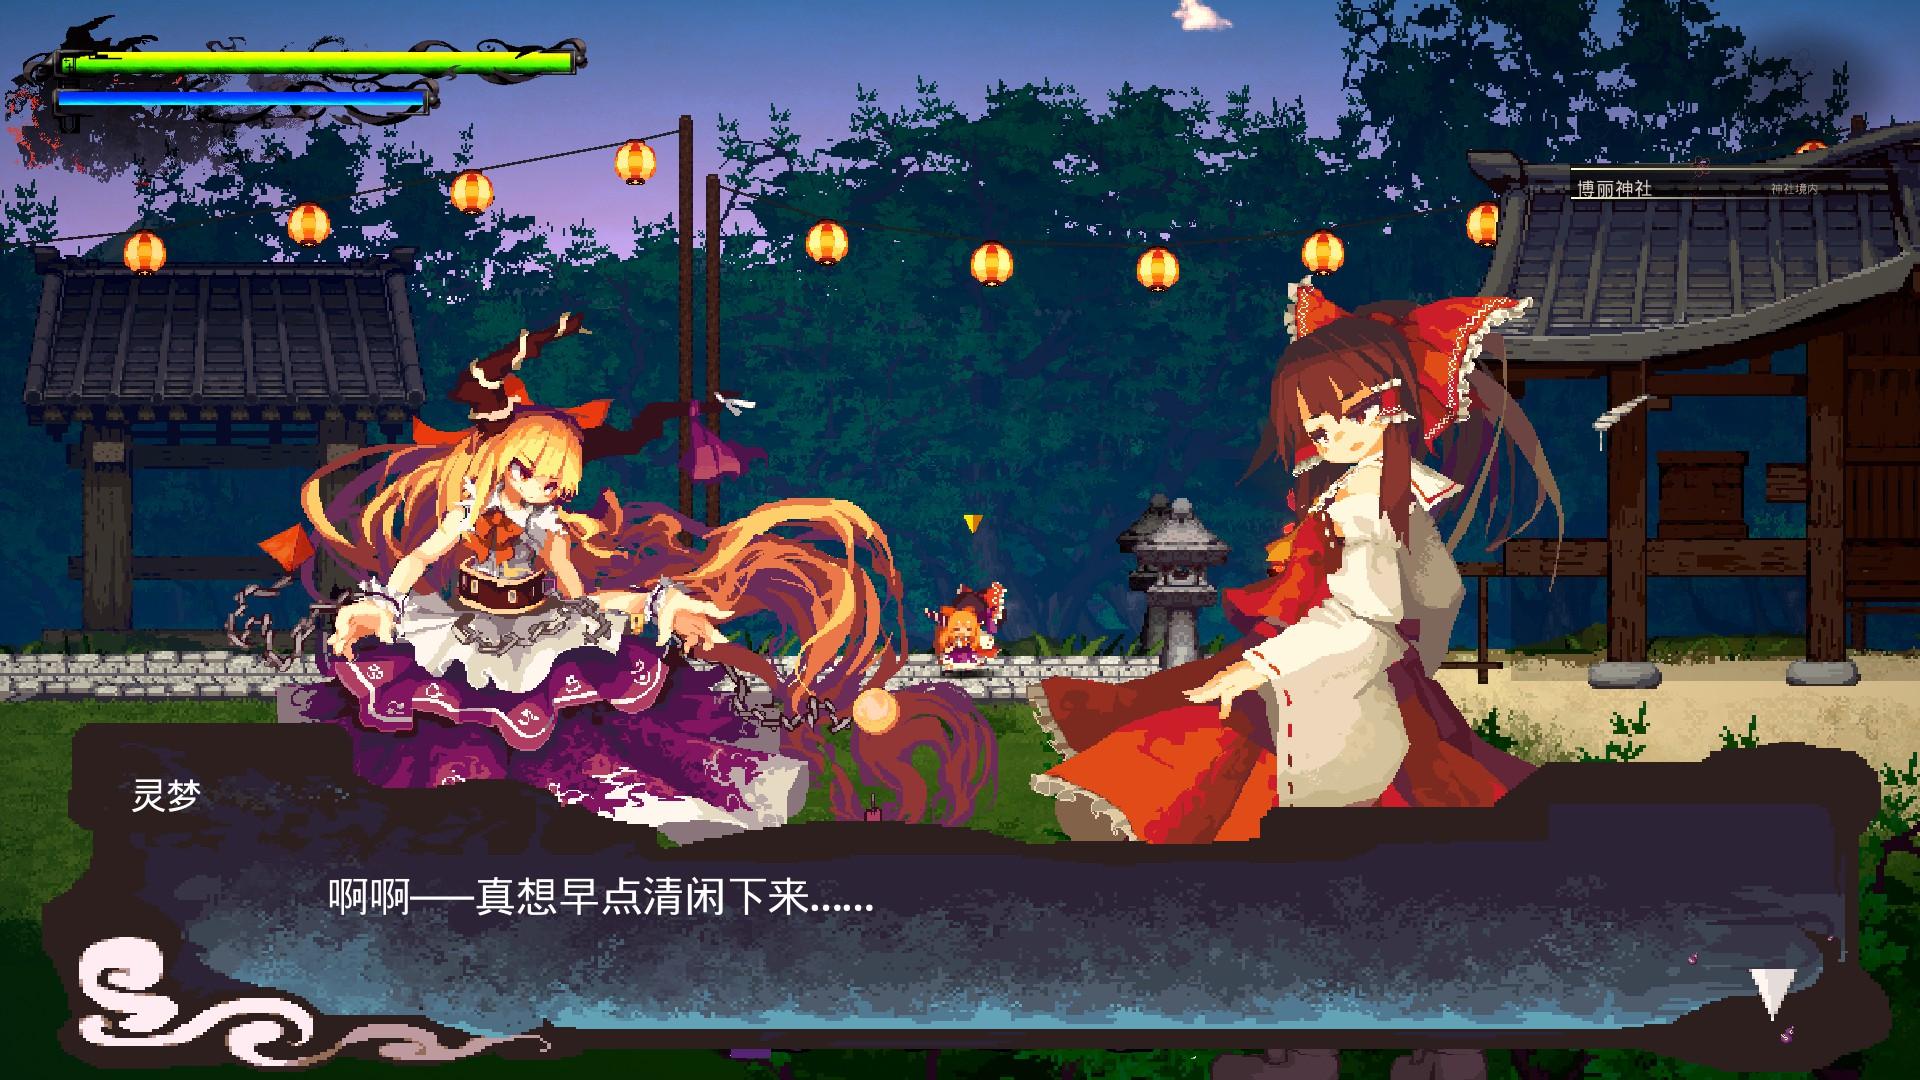 《幻想乡萃夜祭》评测:小而精致的横版2D动作游戏